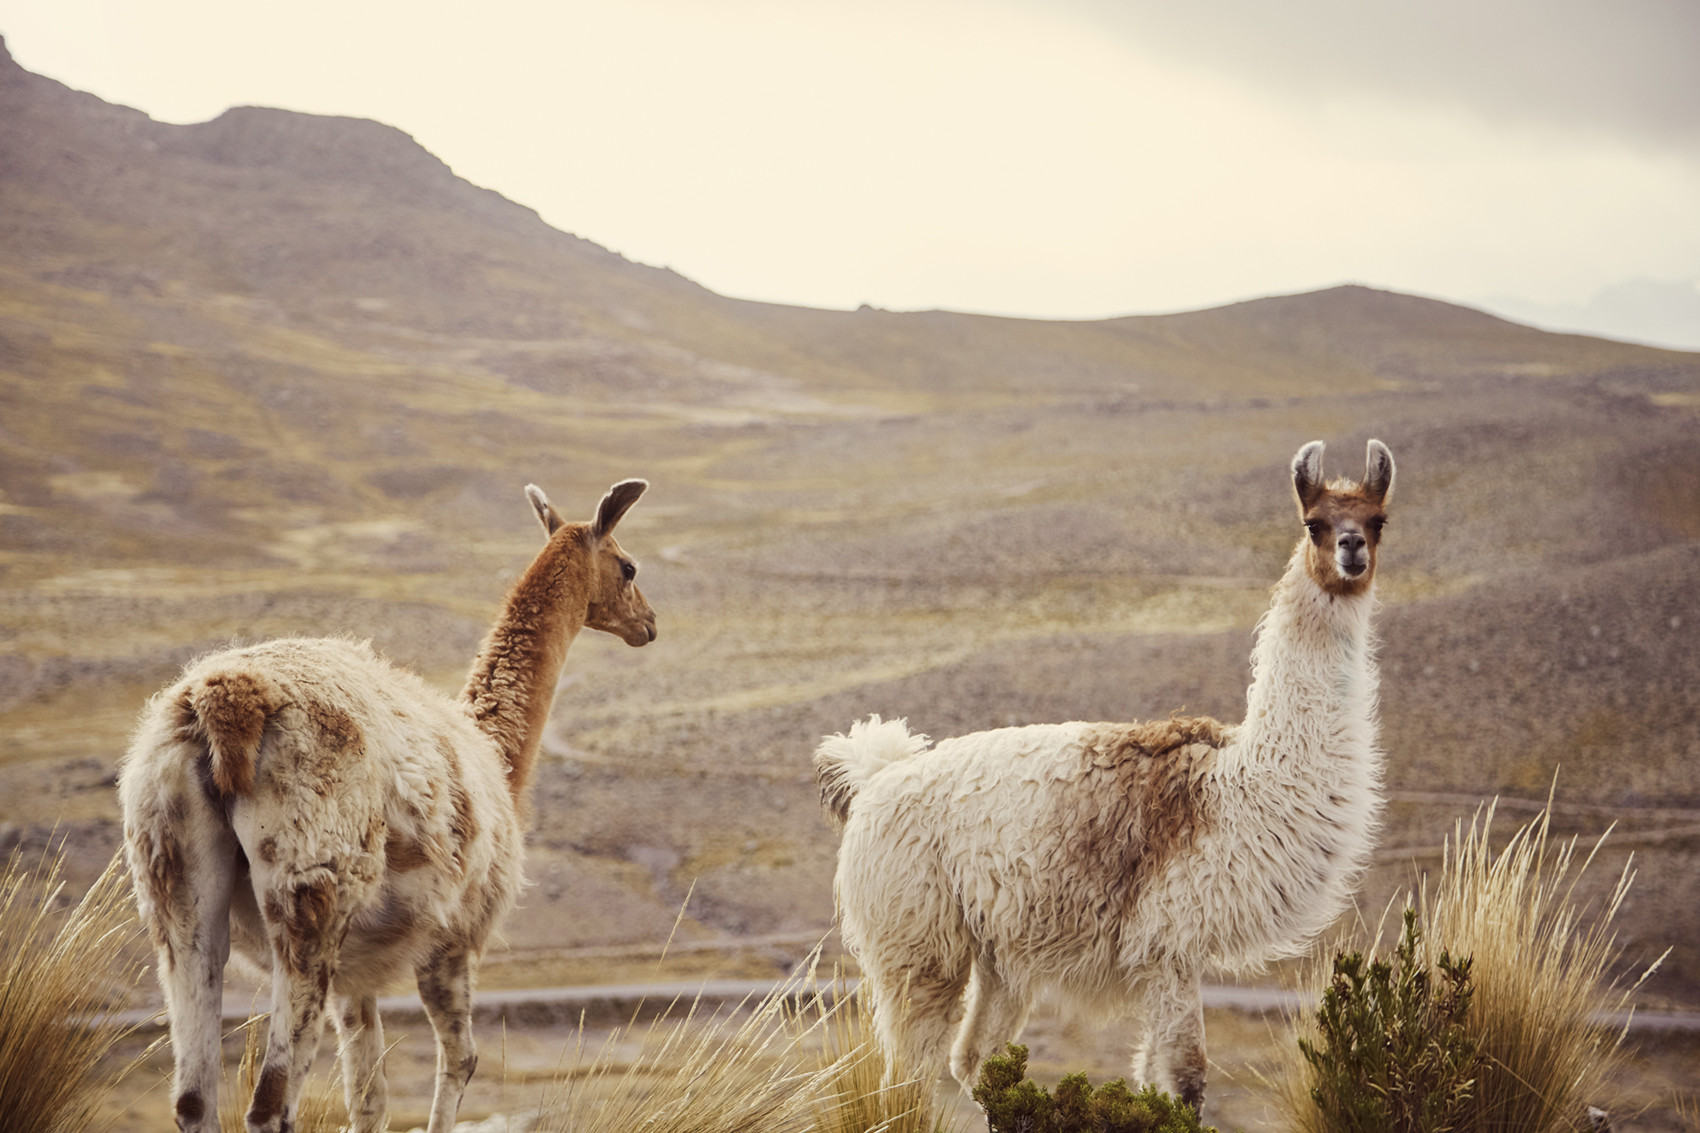 Vicuna und Lama direkt am Straßenrand. Ein weiterer Grund selbst mit dem Auto in Peru zu fahren: Man kann jederzeit einen Stopp einlegen um die süßen Vikunas, Alpakas oder Guanacos zu fotografieren